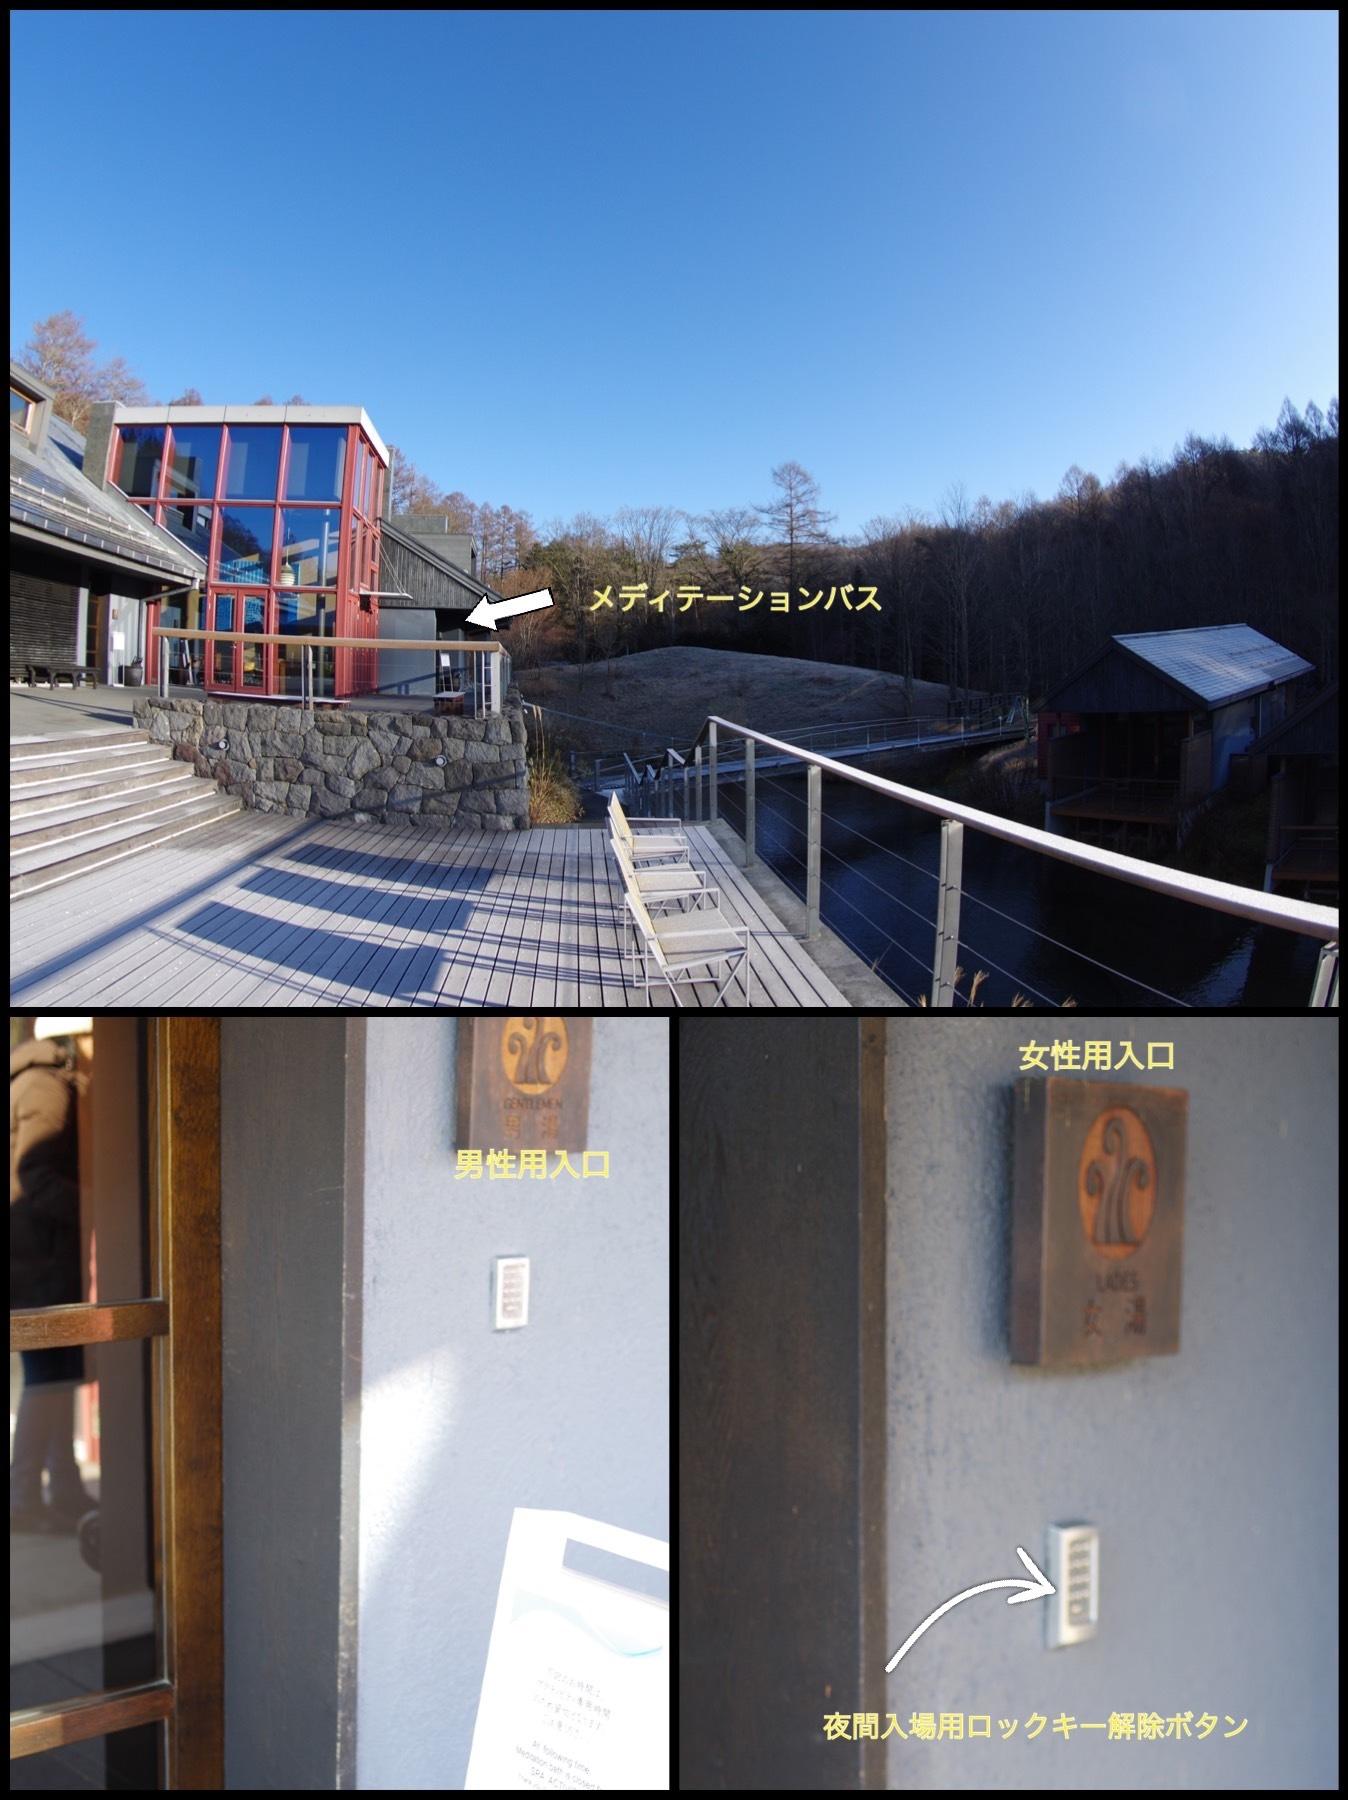 星のや軽井沢 メディテーションバス 温泉